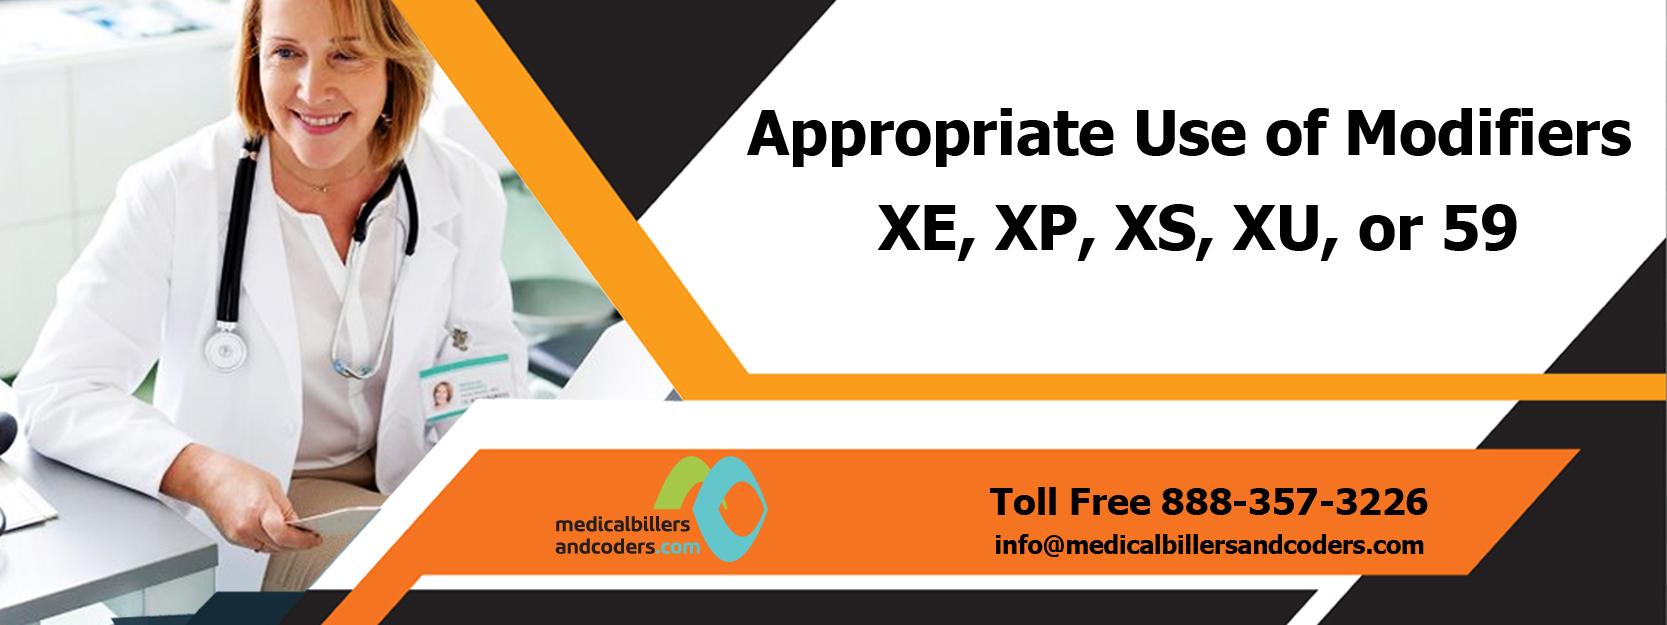 Appropriate Use of Modifiers XE, XP, XS, XU, or 59